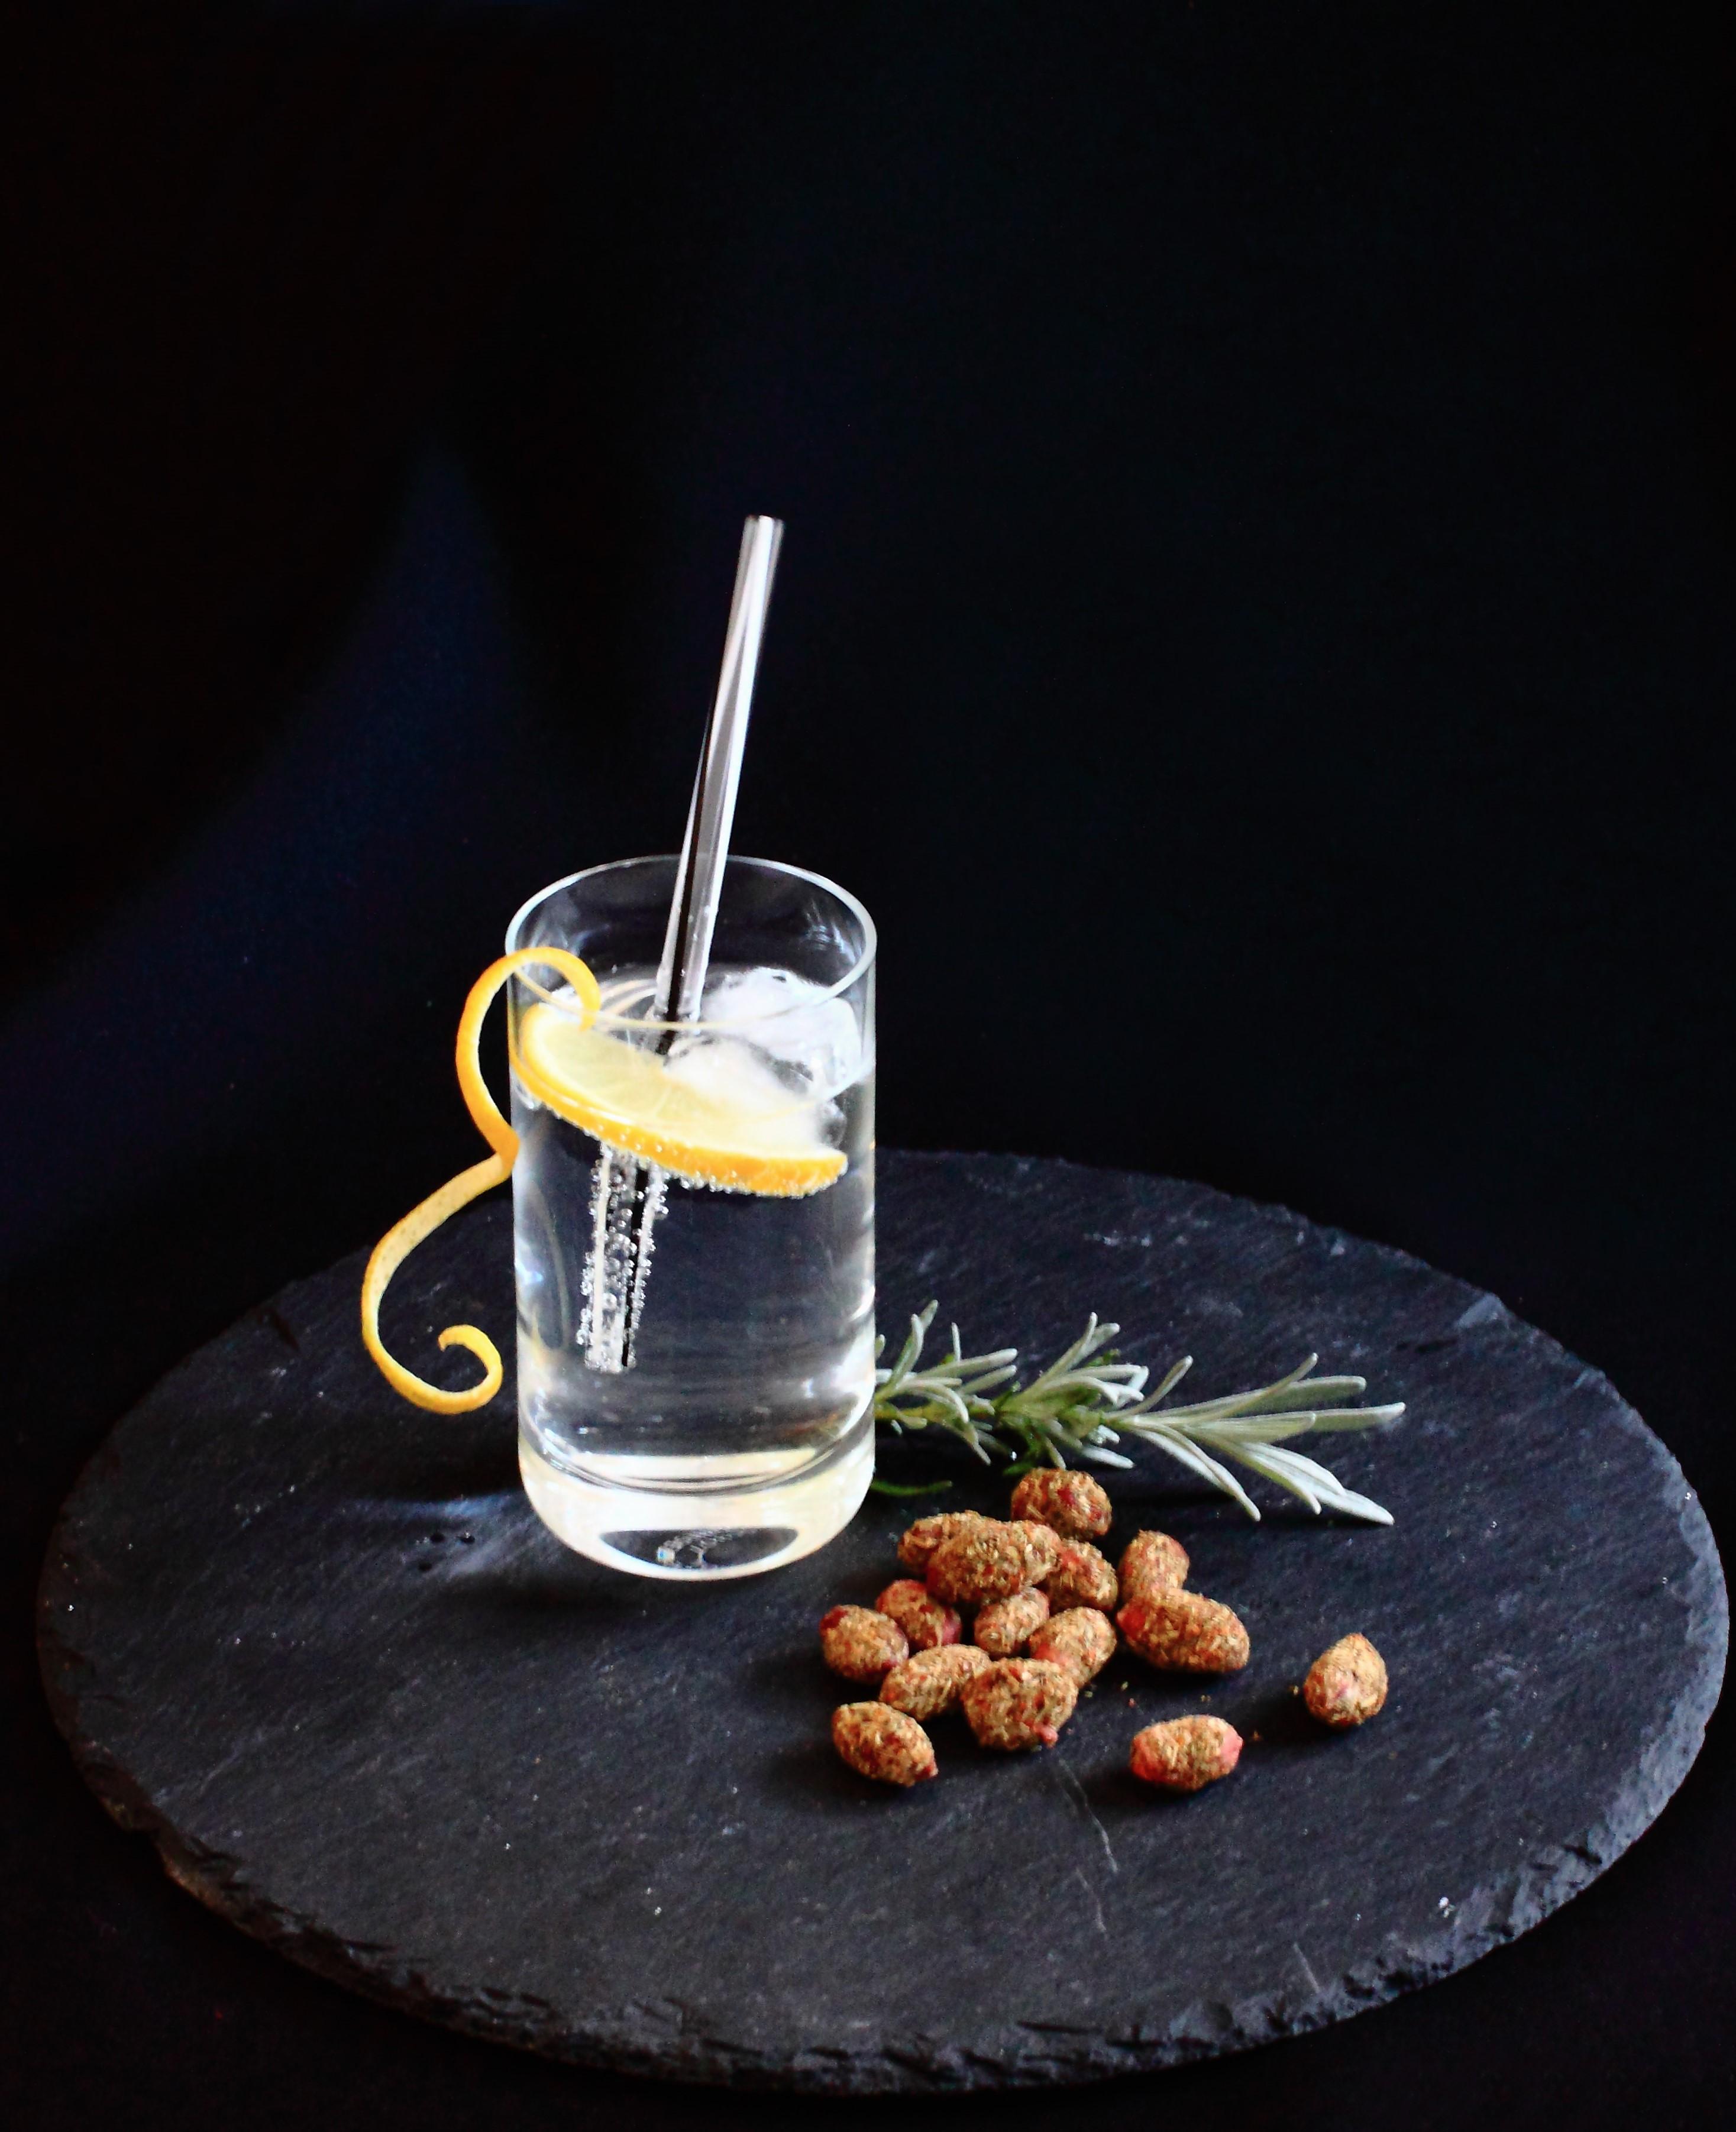 Gewürznüsse Rezept Rossis Kräutergarten Erdnuss mit Gin-Tonic